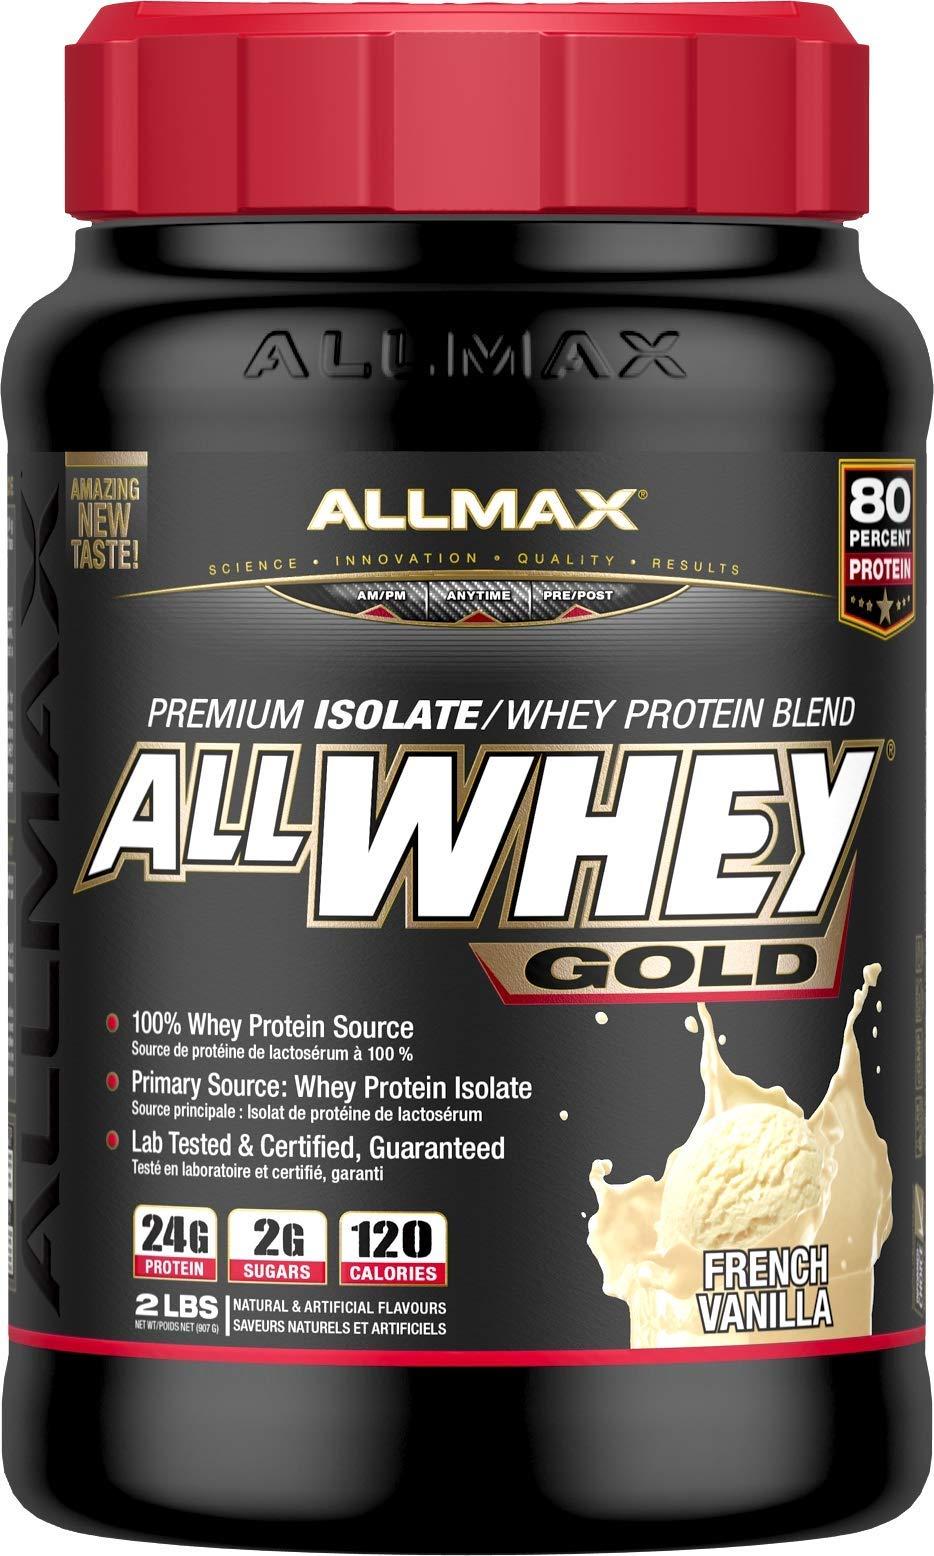 Amazon.com  ALLMAX Nutrition AllWhey Gold Whey Protein, Vanilla, 2 lbs   Health   Personal Care c3573c379fc